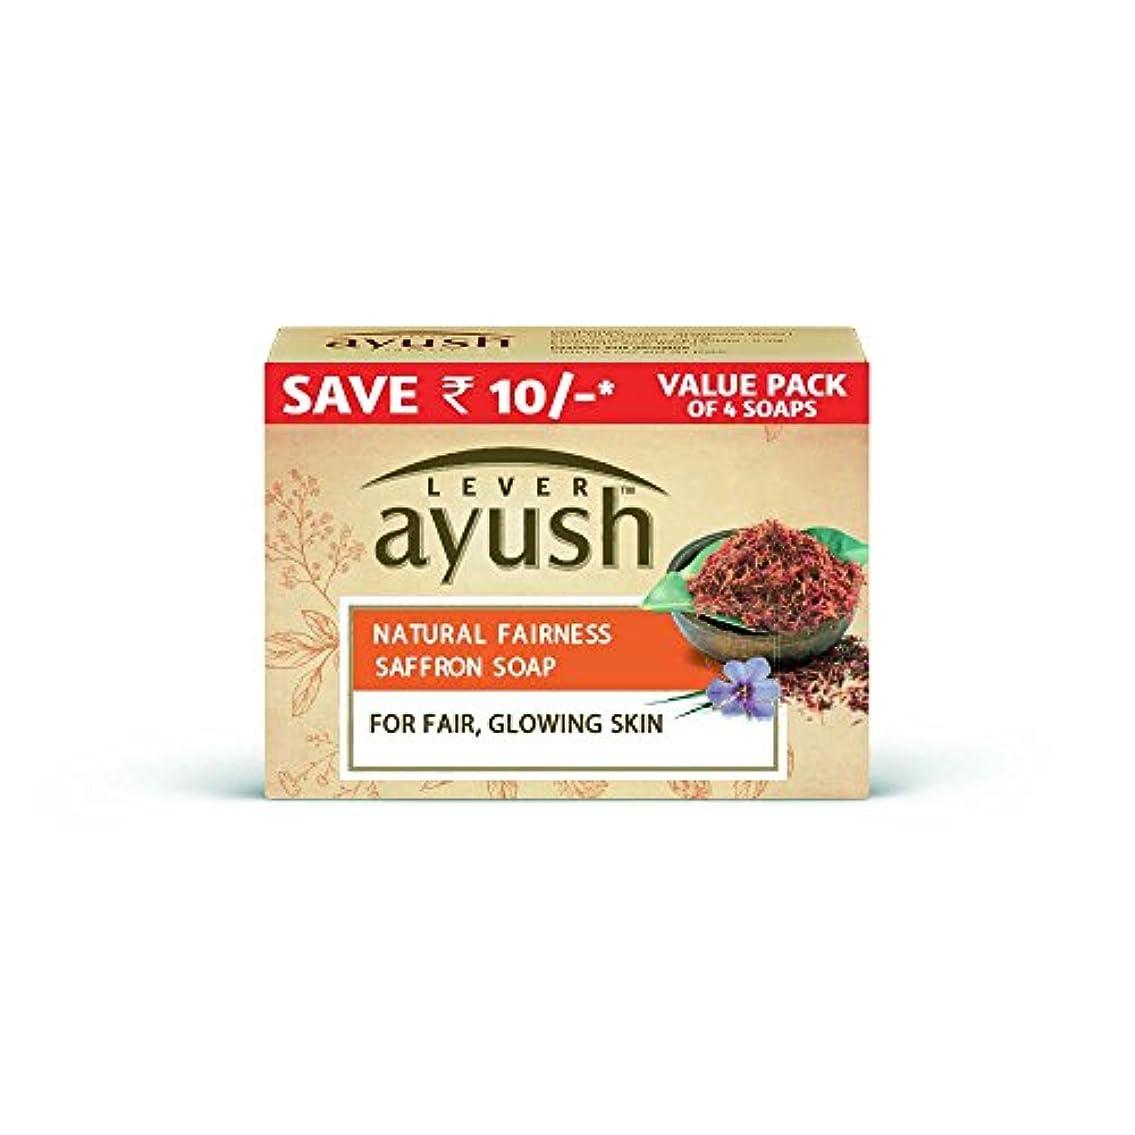 専門知識プロトタイプ自動車Lever Ayush Natural Fairness Saffron Soap, 100g (Pack of 4)